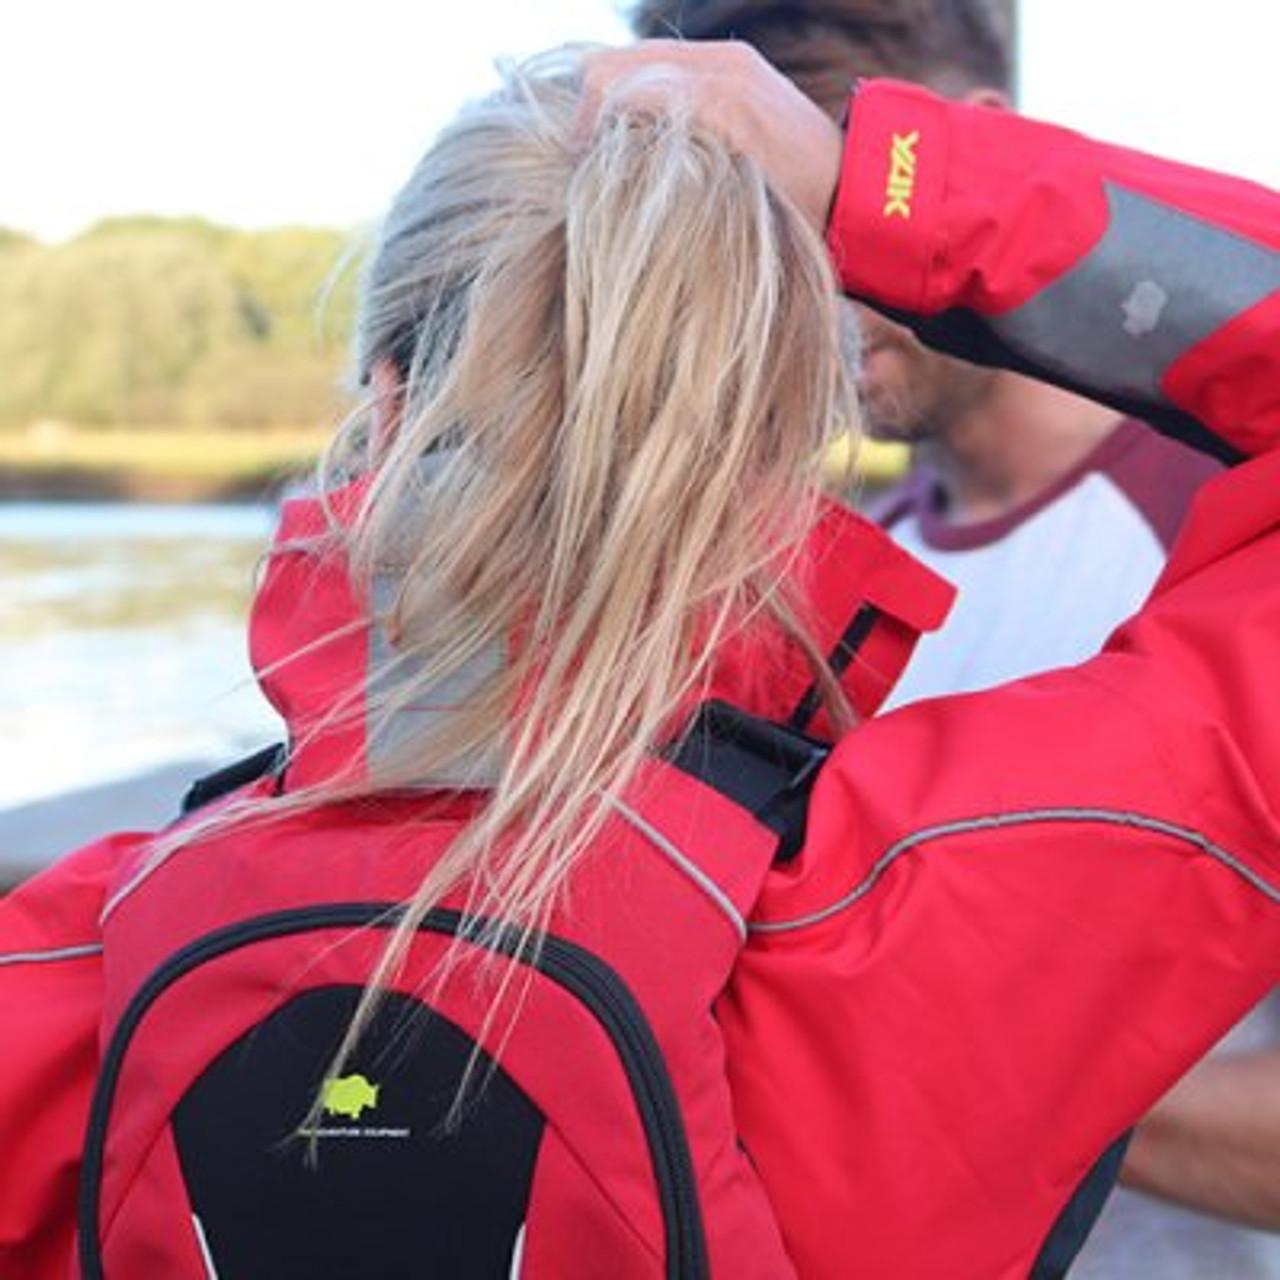 Yak paddling jacket with reflective detailing.